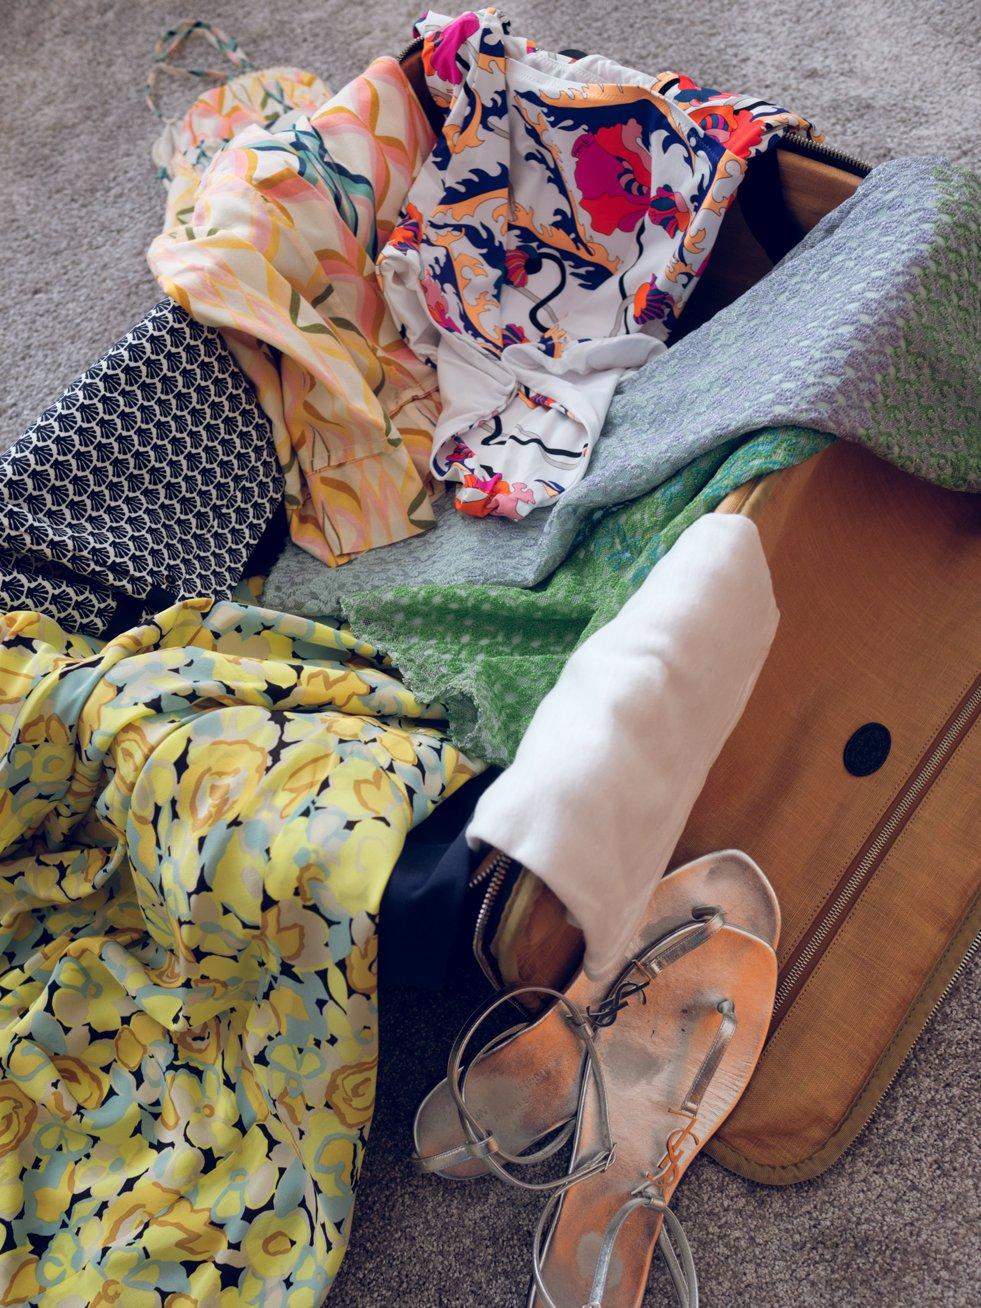 Was packe ich in meinen Koffer, wie packe ich meinen Koffer, was nehme ich mit in den Urlaub, was packe ich in meinen Koffer, Fashion-Blog, Lieblingsstil.com,